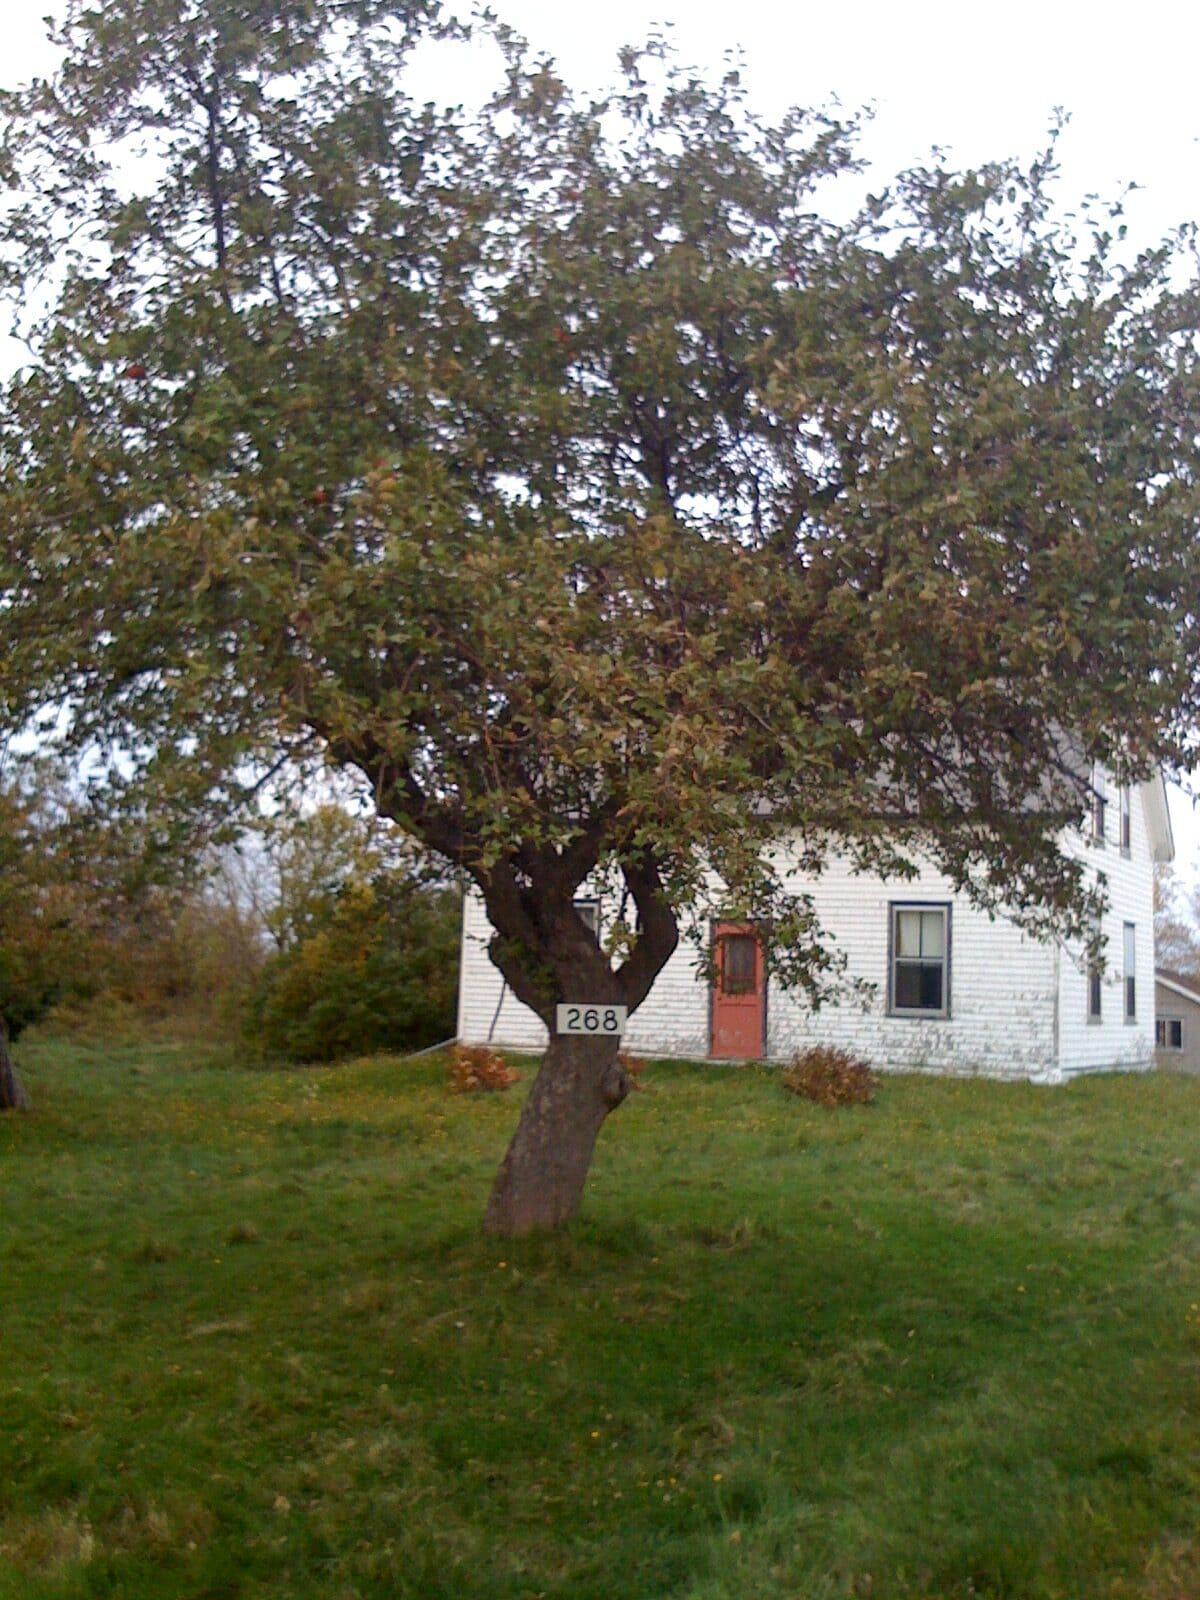 Home in Nova Scotia